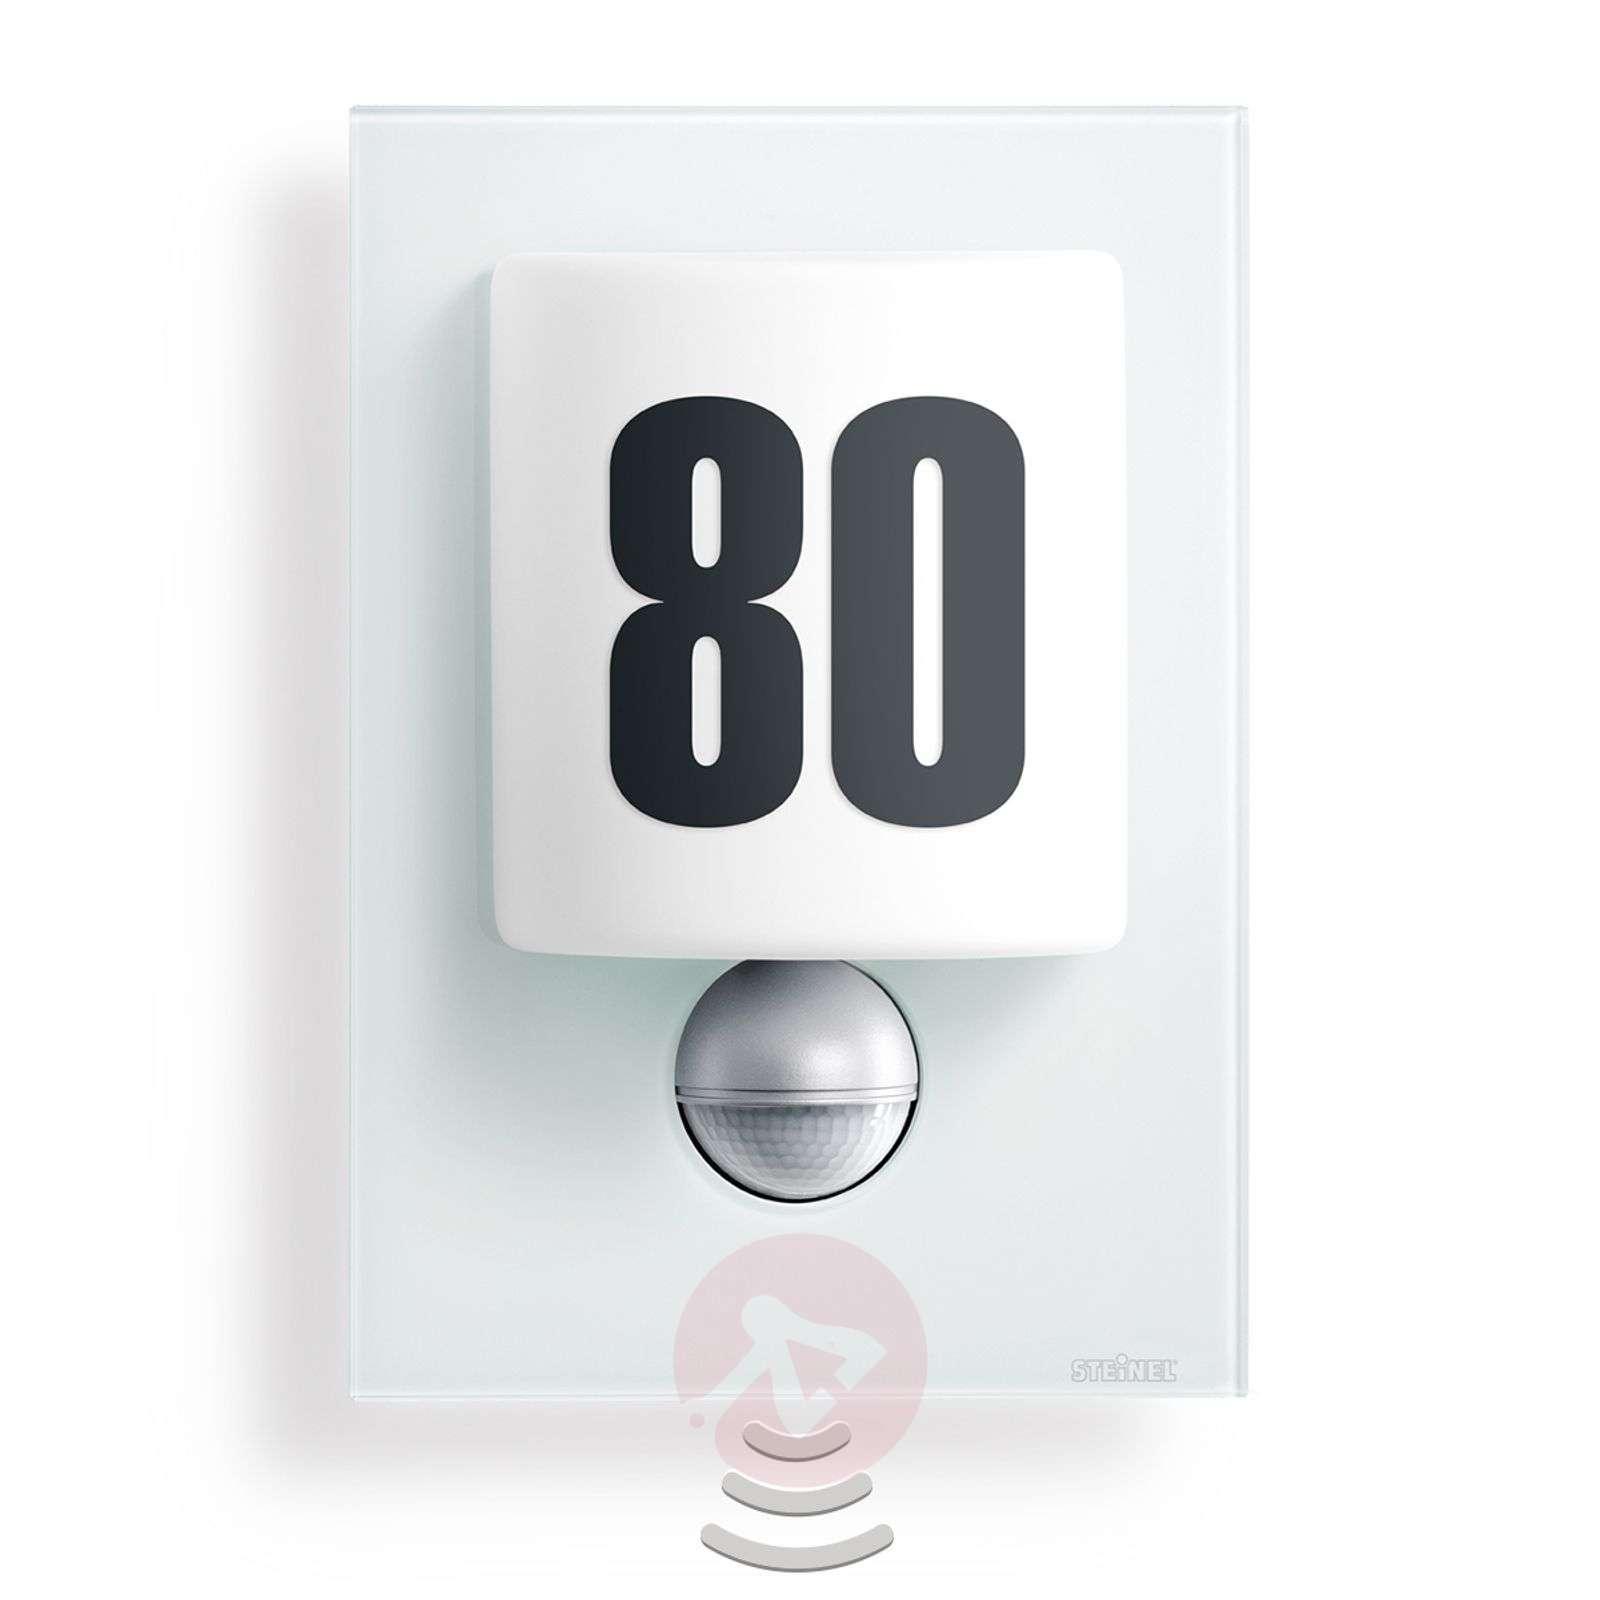 Tyylikäs LED-ulkoseinävalaisin L 680, valk. lasi-8506049-02